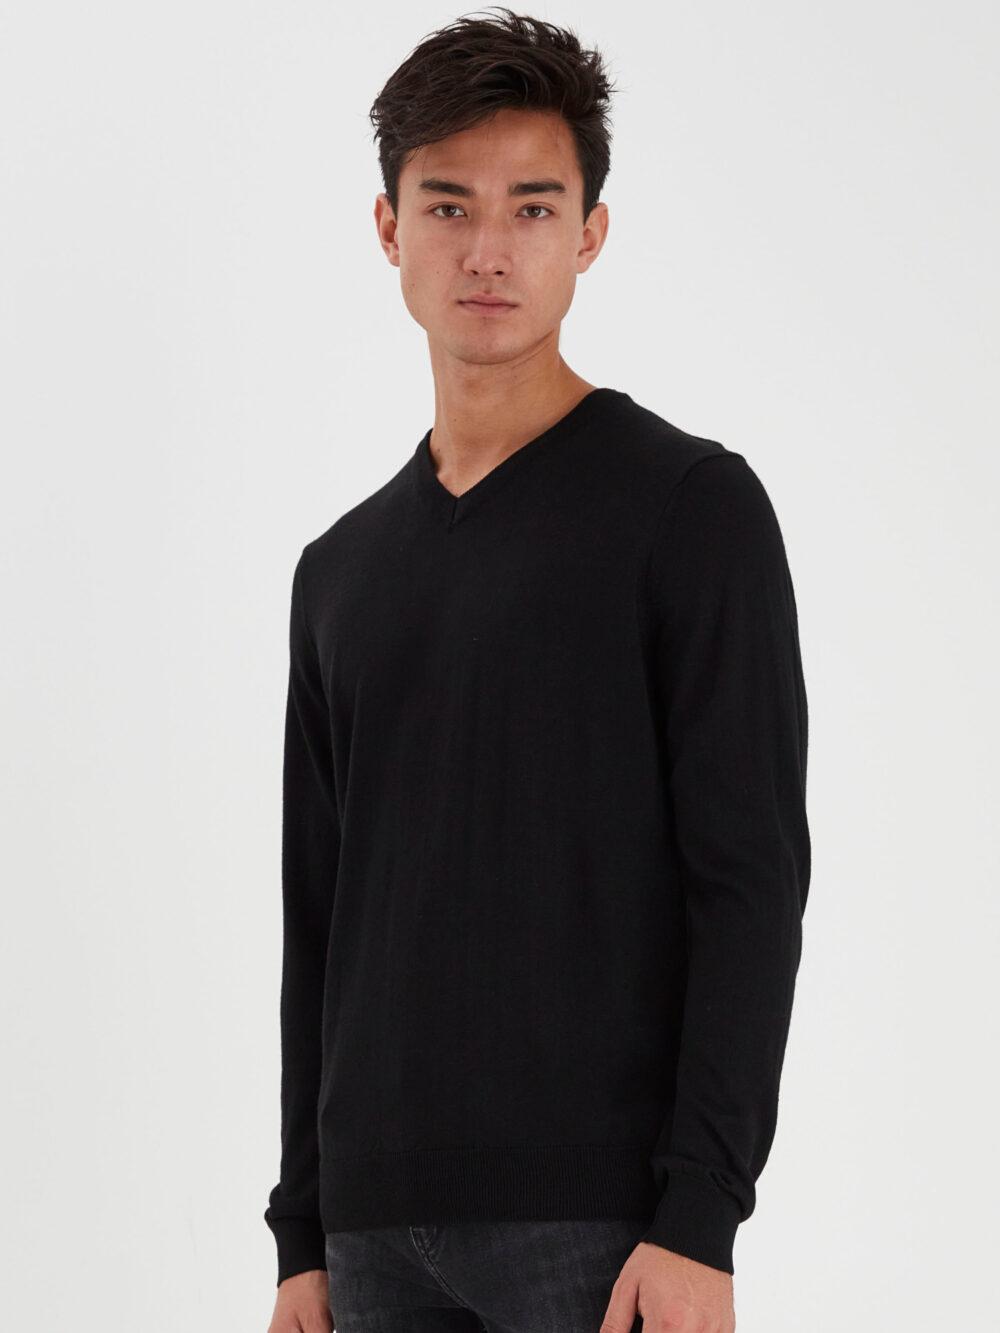 Casual Friday Pullover V-neck Black